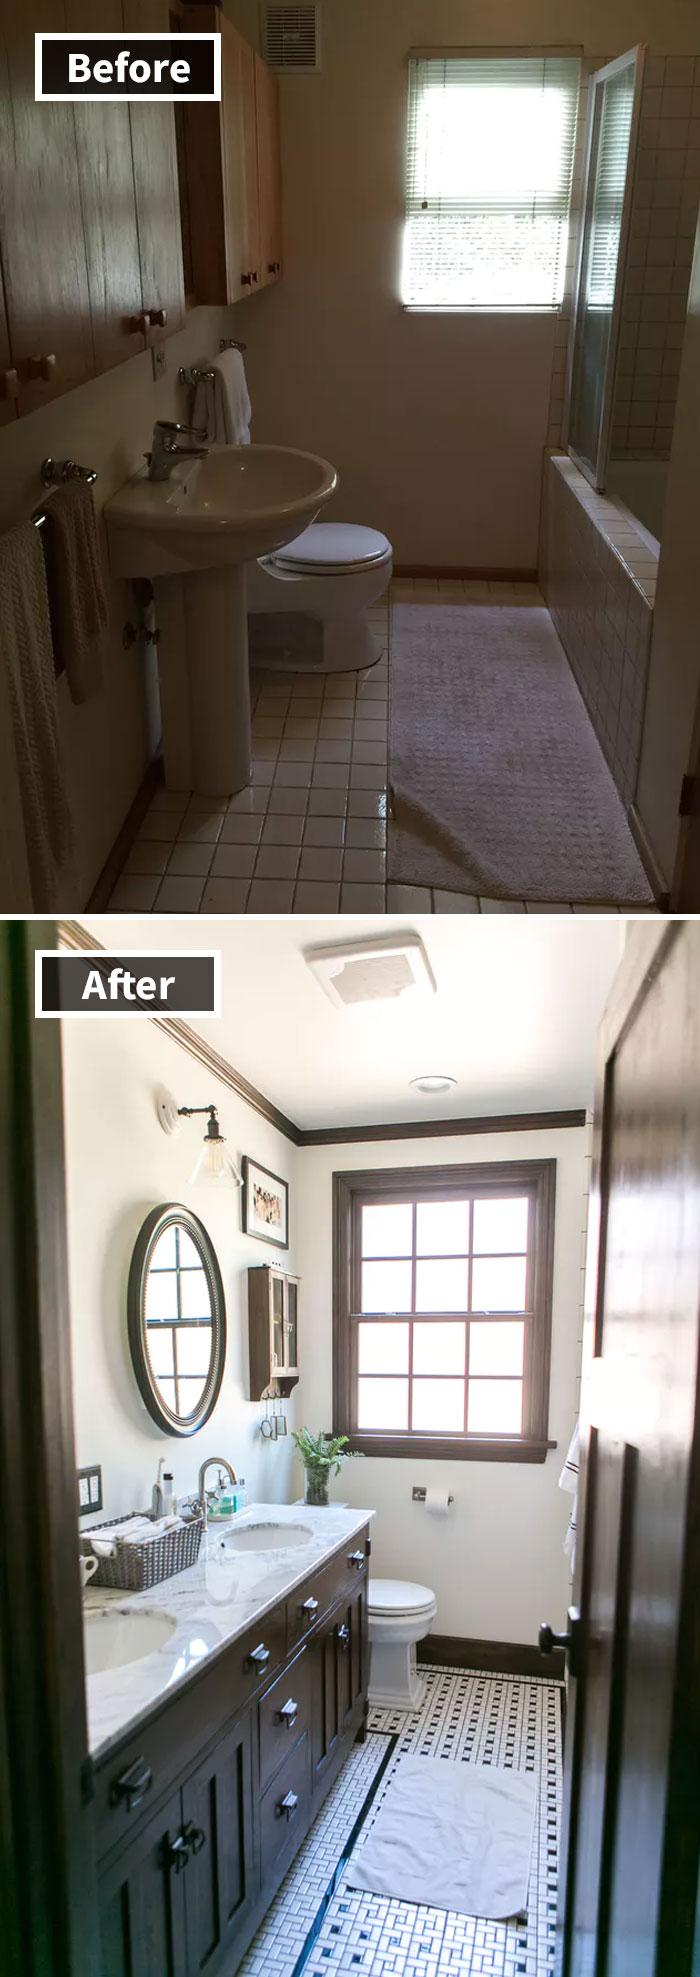 Những hình ảnh trước và sau khi phòng cũ được phù phép thành phòng mới khiến bạn không thể tin vào mắt mình - Ảnh 18.